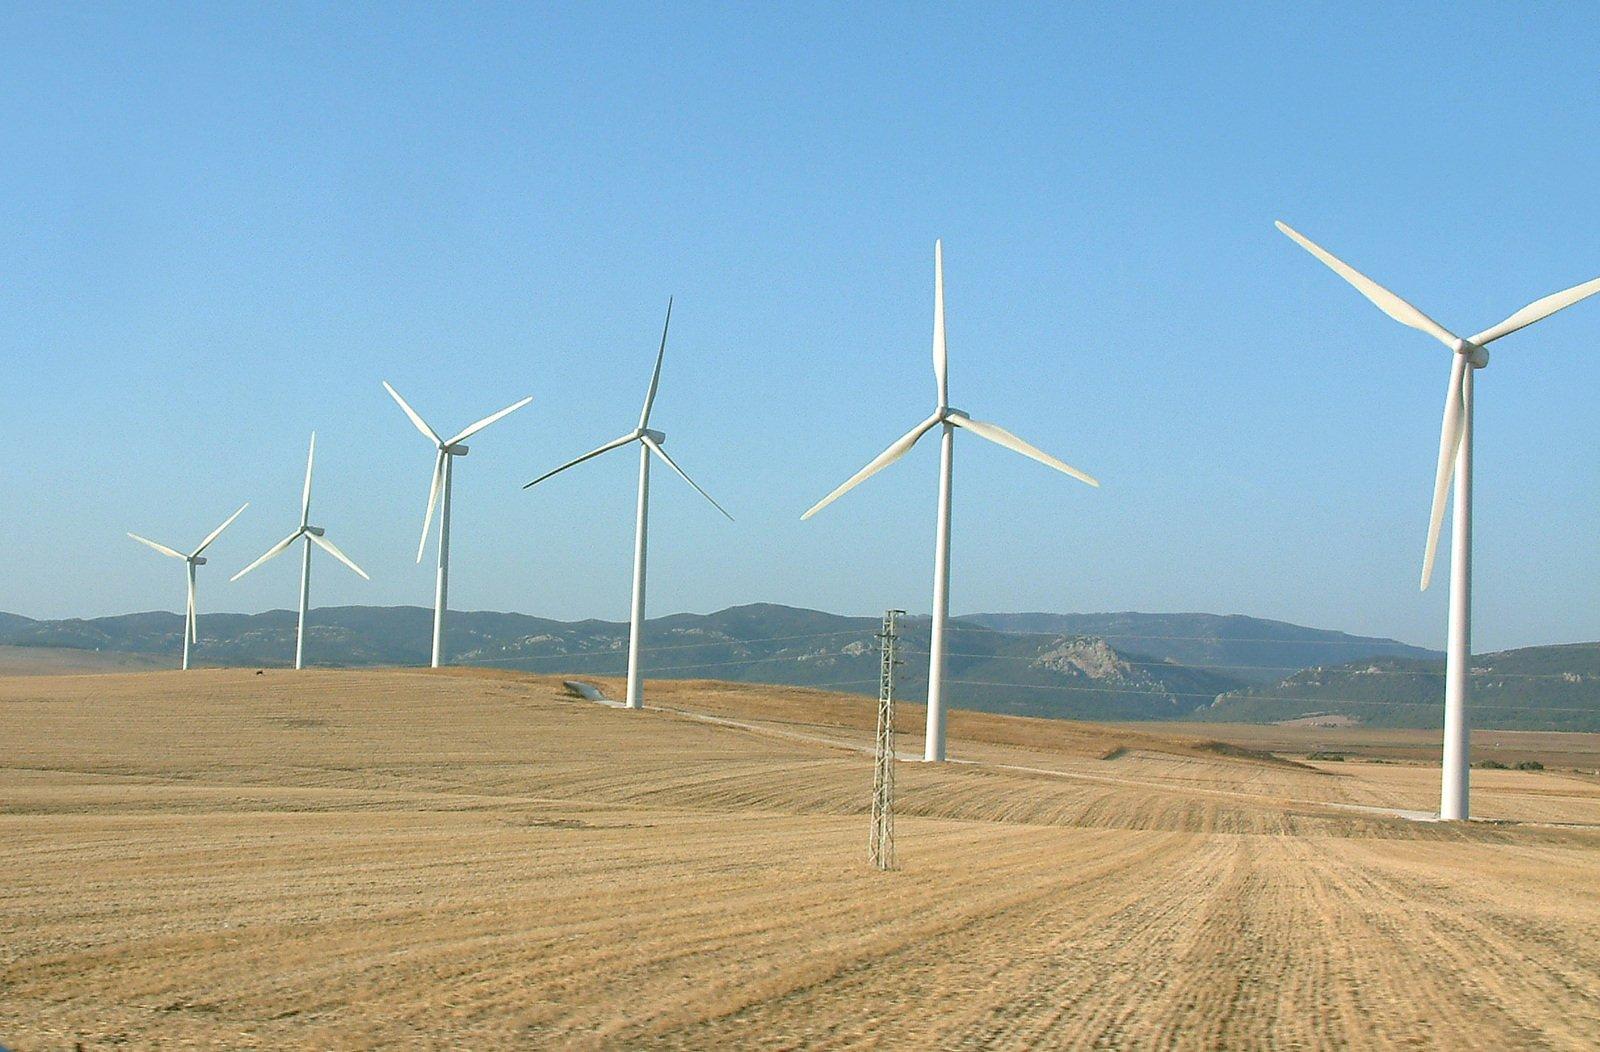 特高压工程竣工 西部风电源源不断助力东部